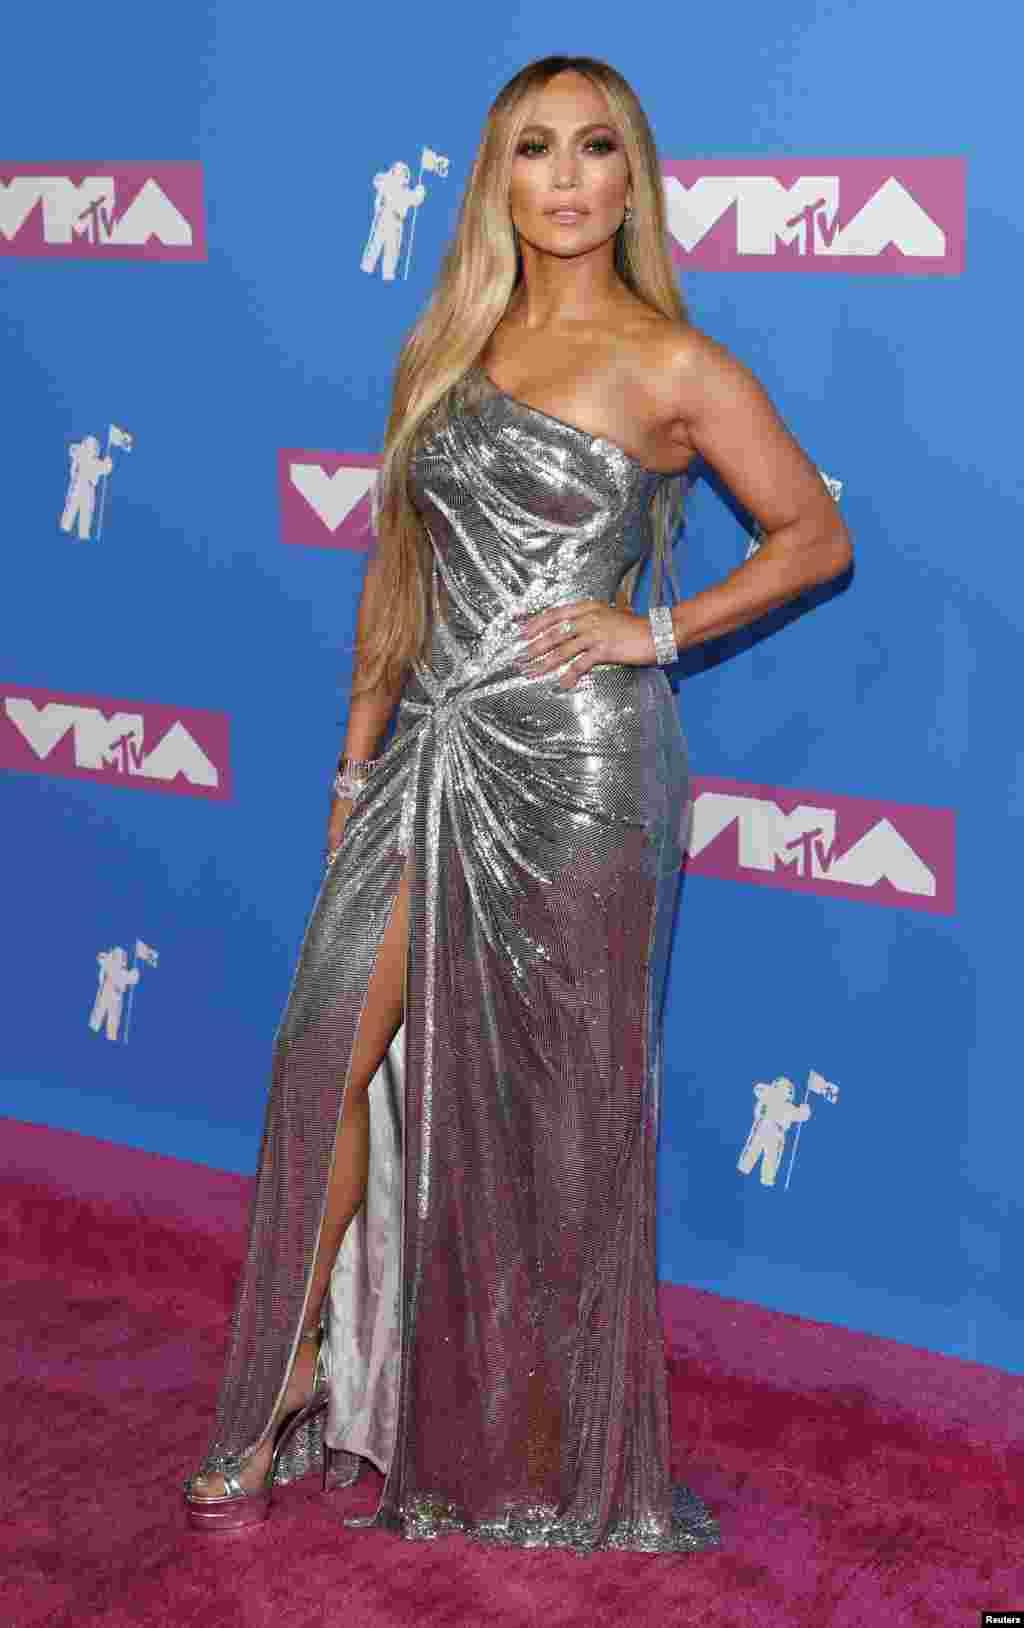 «جنیفر لوپز» هنرمند مشهور آمریکایی در مراسم سالانه اهدای جوایز بهترین موزیک ویدئوی«ام تی وی» در تالار موسیقی رادیو سیتی در نیویورک در مقابل خبرنگاران ژست گرفته است.